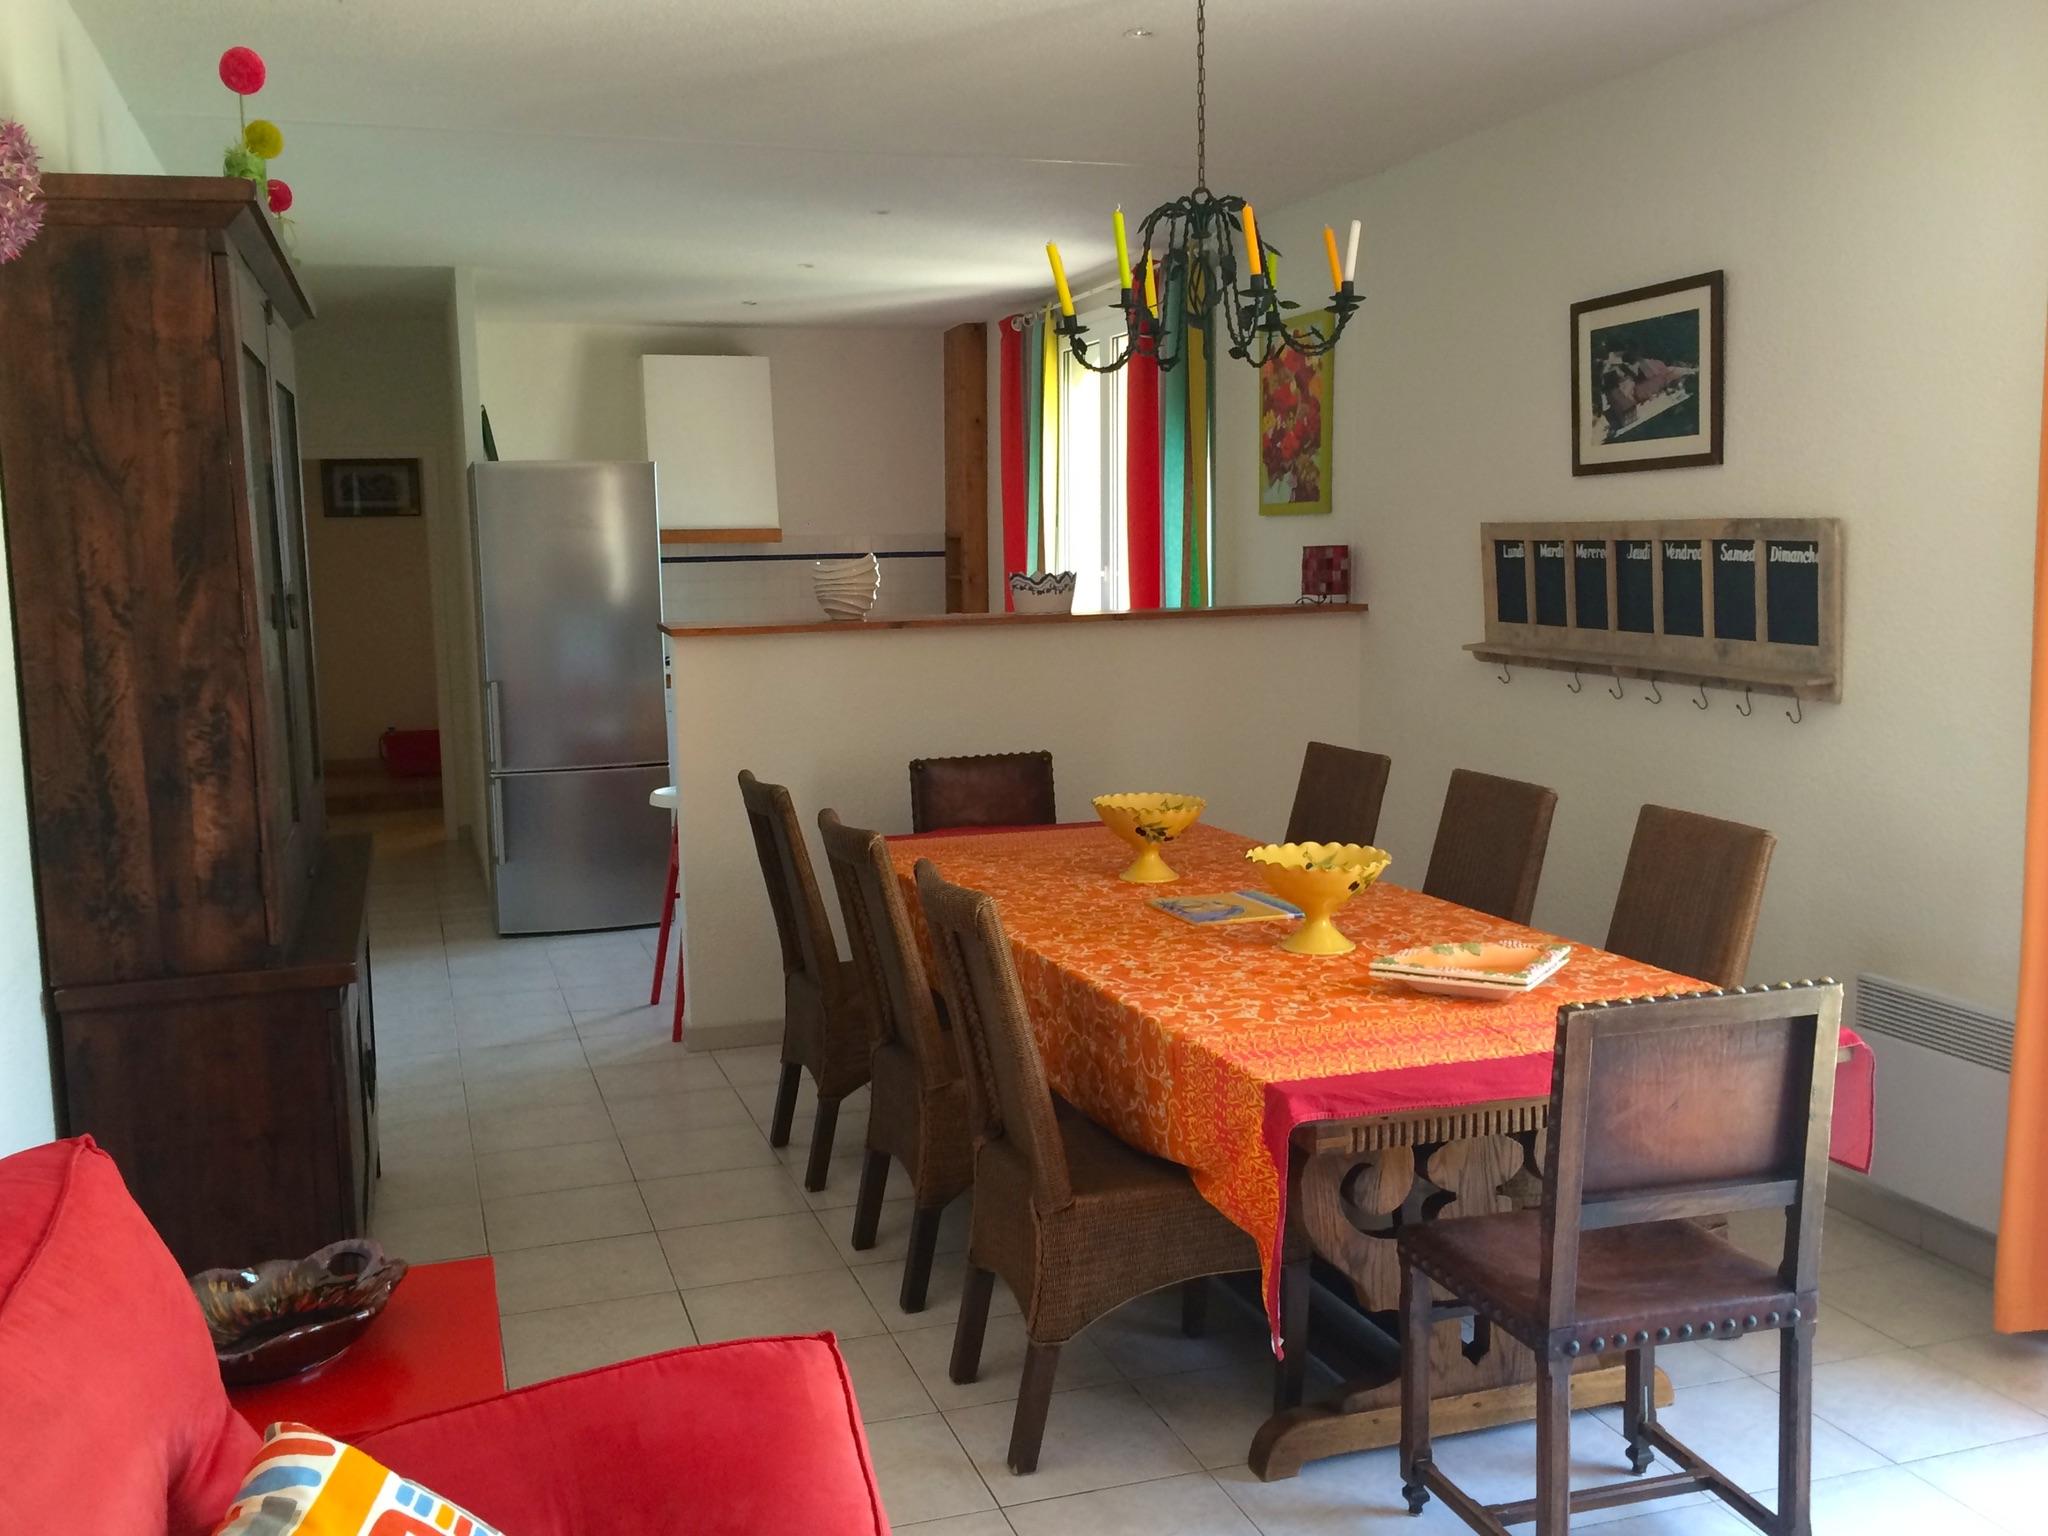 Ferienhaus Charaktervolles Haus in Hérault mit Pool und Garten (2201003), Portiragnes, Mittelmeerküste Hérault, Languedoc-Roussillon, Frankreich, Bild 10